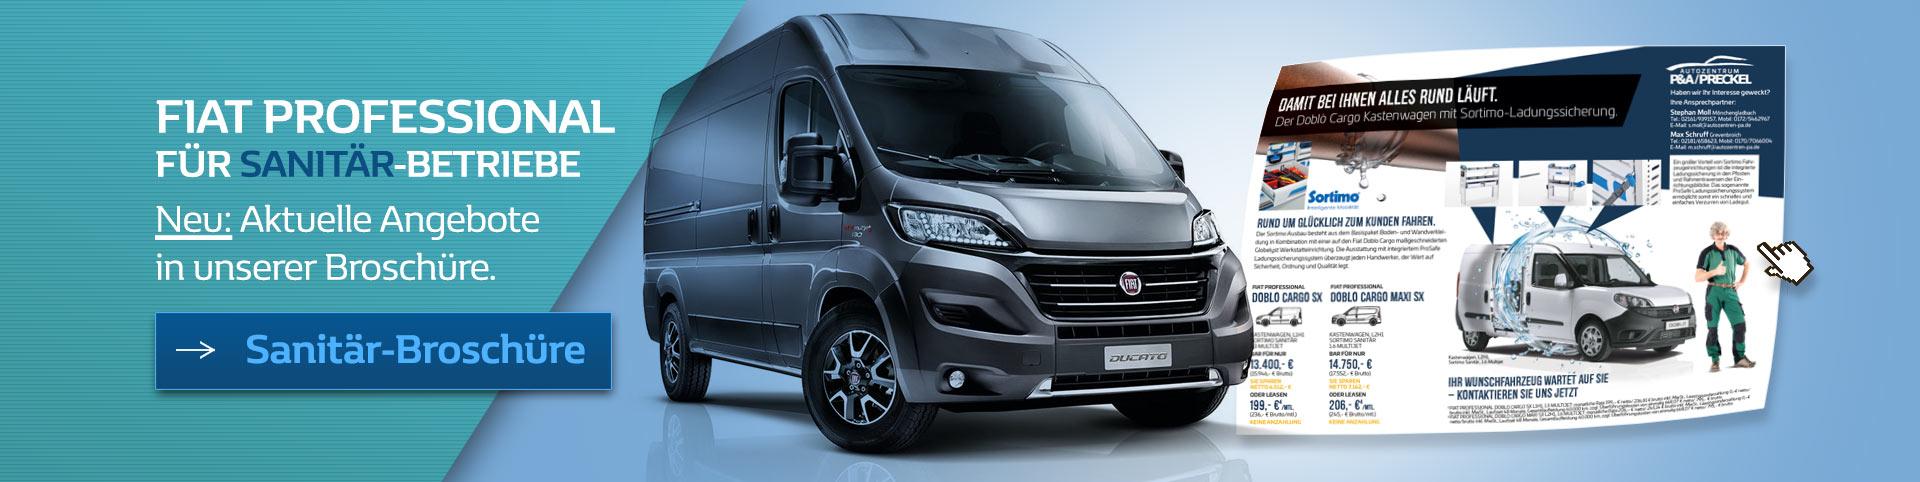 Sanitär-Angebote von Fiat Professional im Autozentrum P&A-PRECKEL